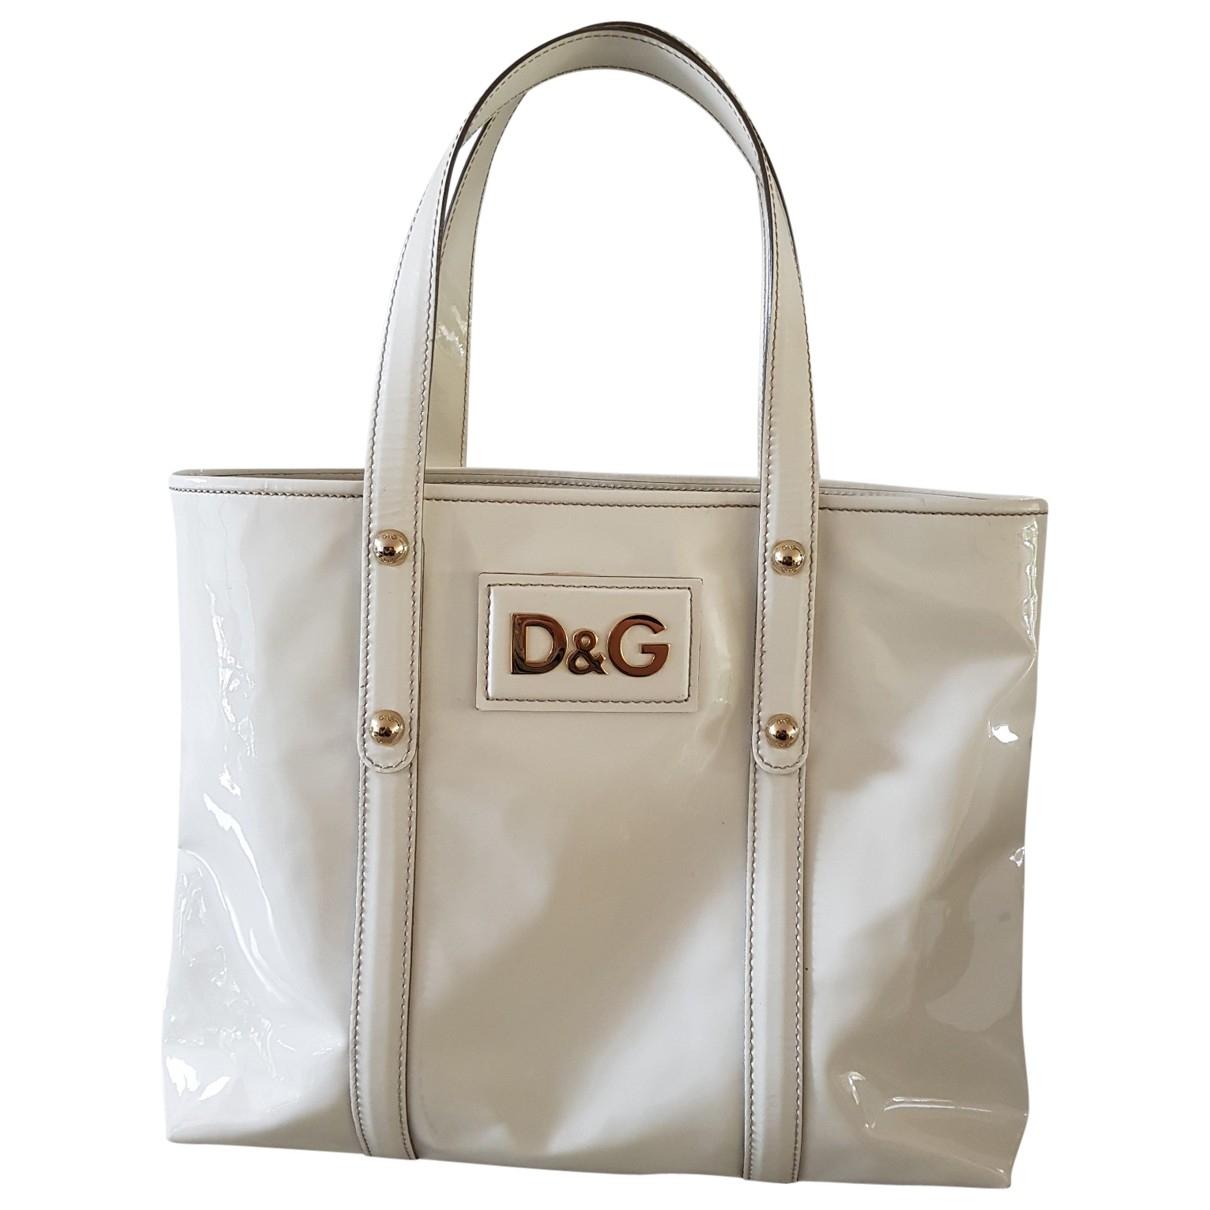 D&g \N Patent leather handbag for Women \N